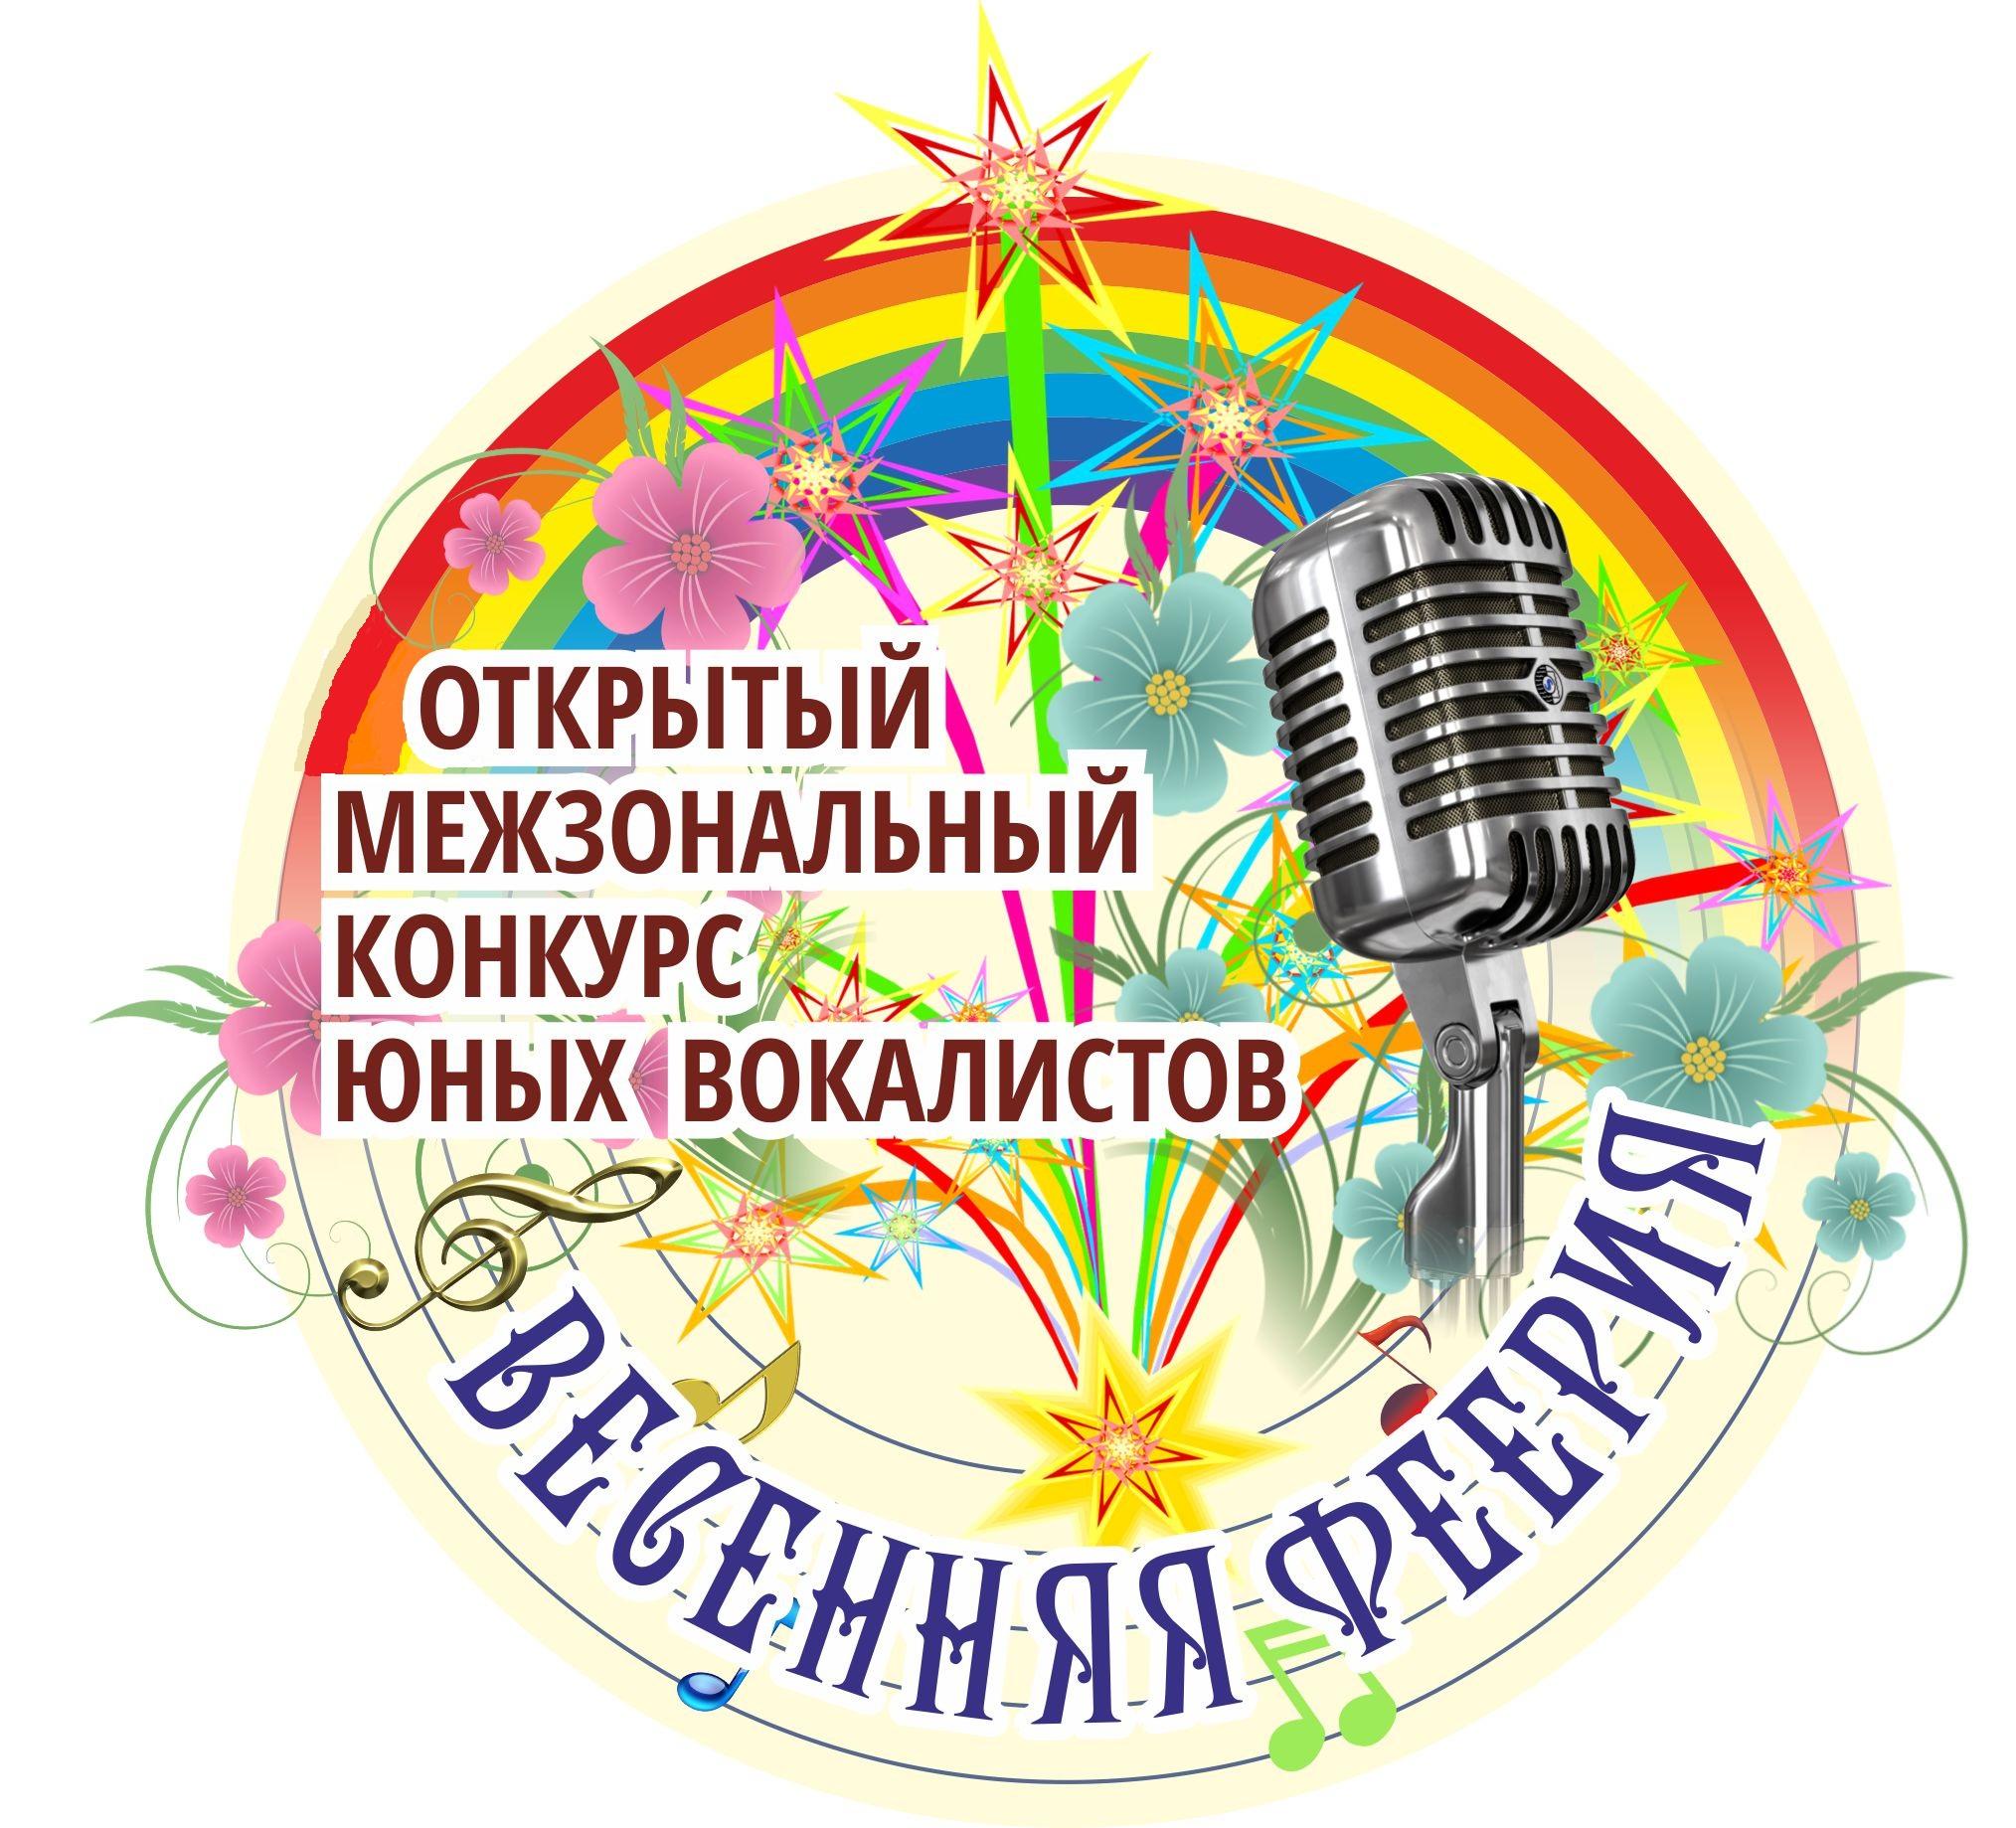 Конкурс певцов поздравление